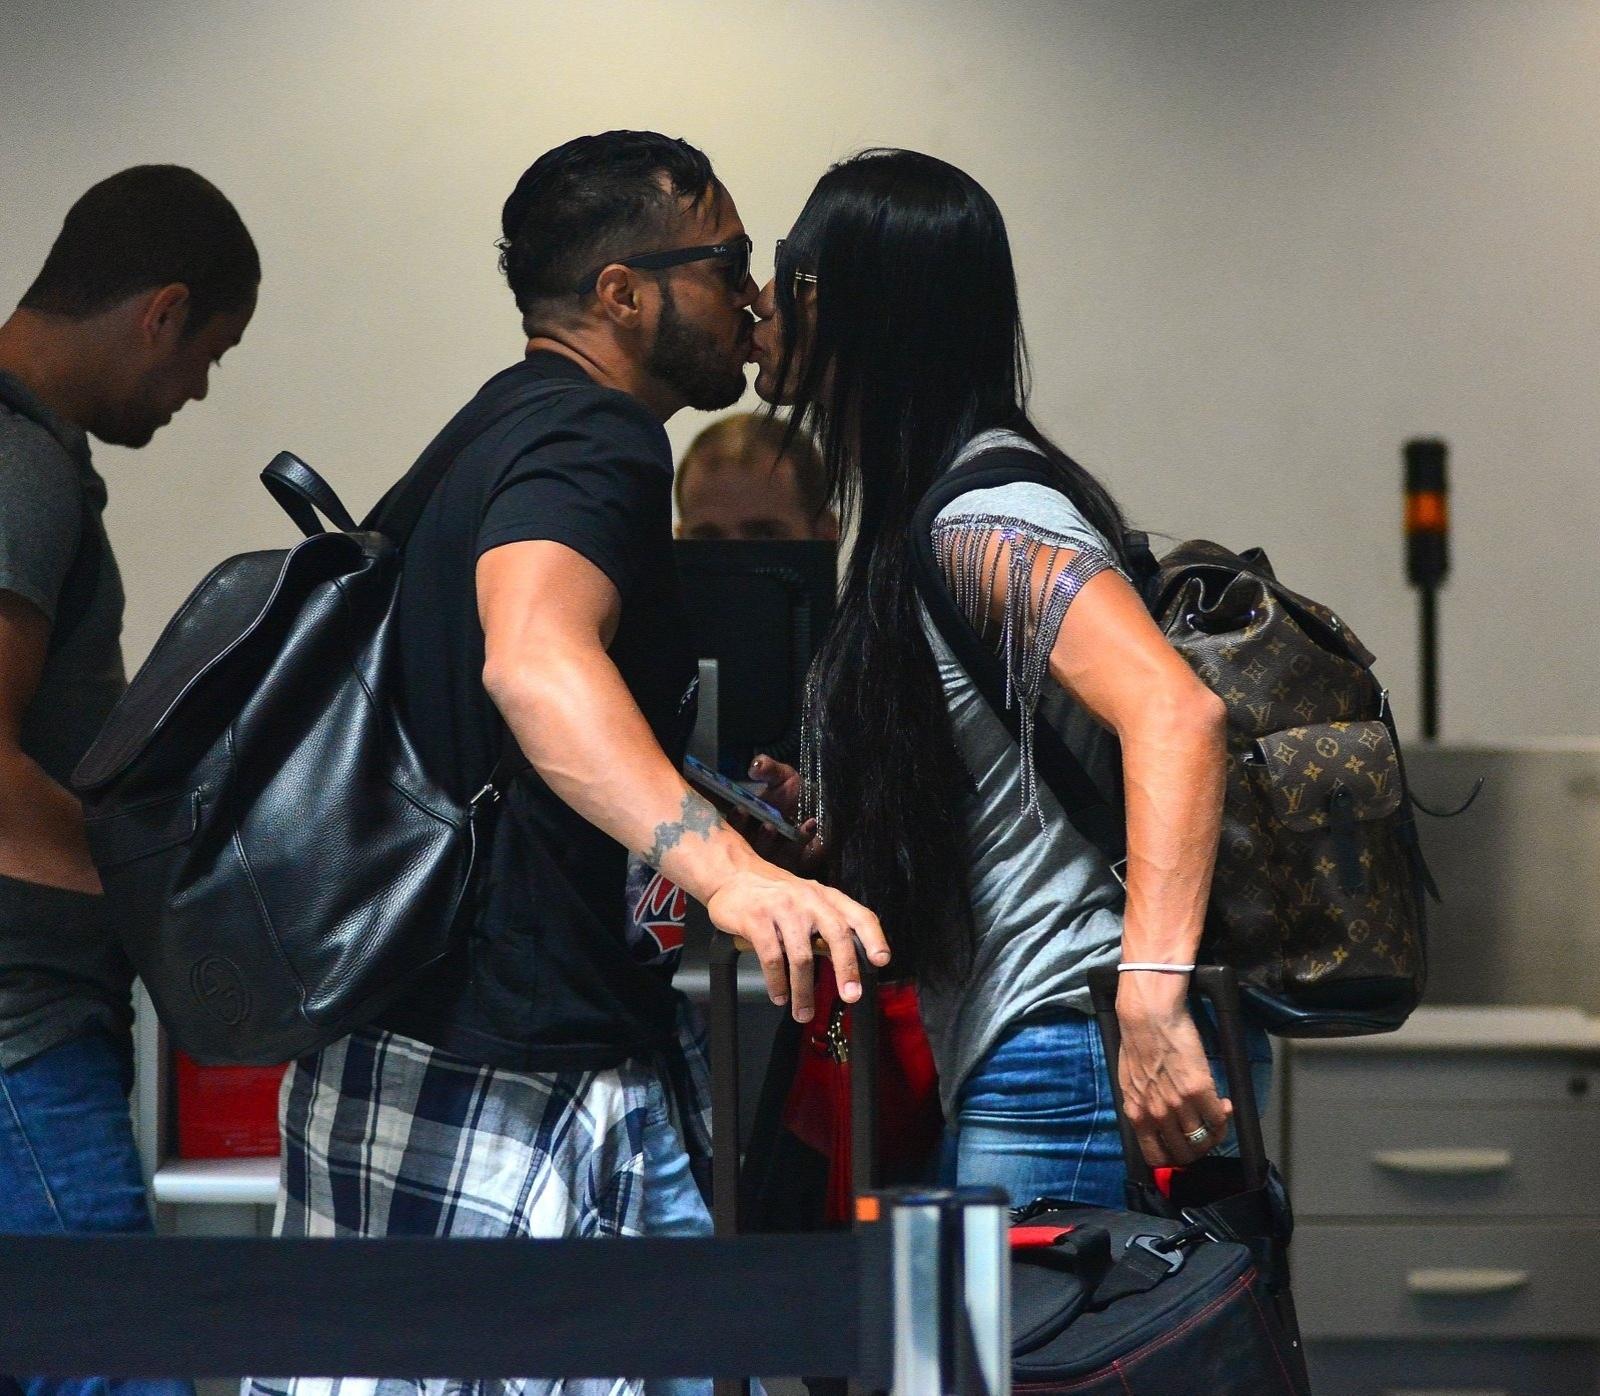 29.set.2015 - O cantor Belo e sua mulher, a dançarina Gracyanne Barbosa, trocaram beijos antes de embarcarem no aeroporto Santos Dumont, no Rio de Janeiro. O casal deu um selinho enquanto aguardava a fila do check-in.